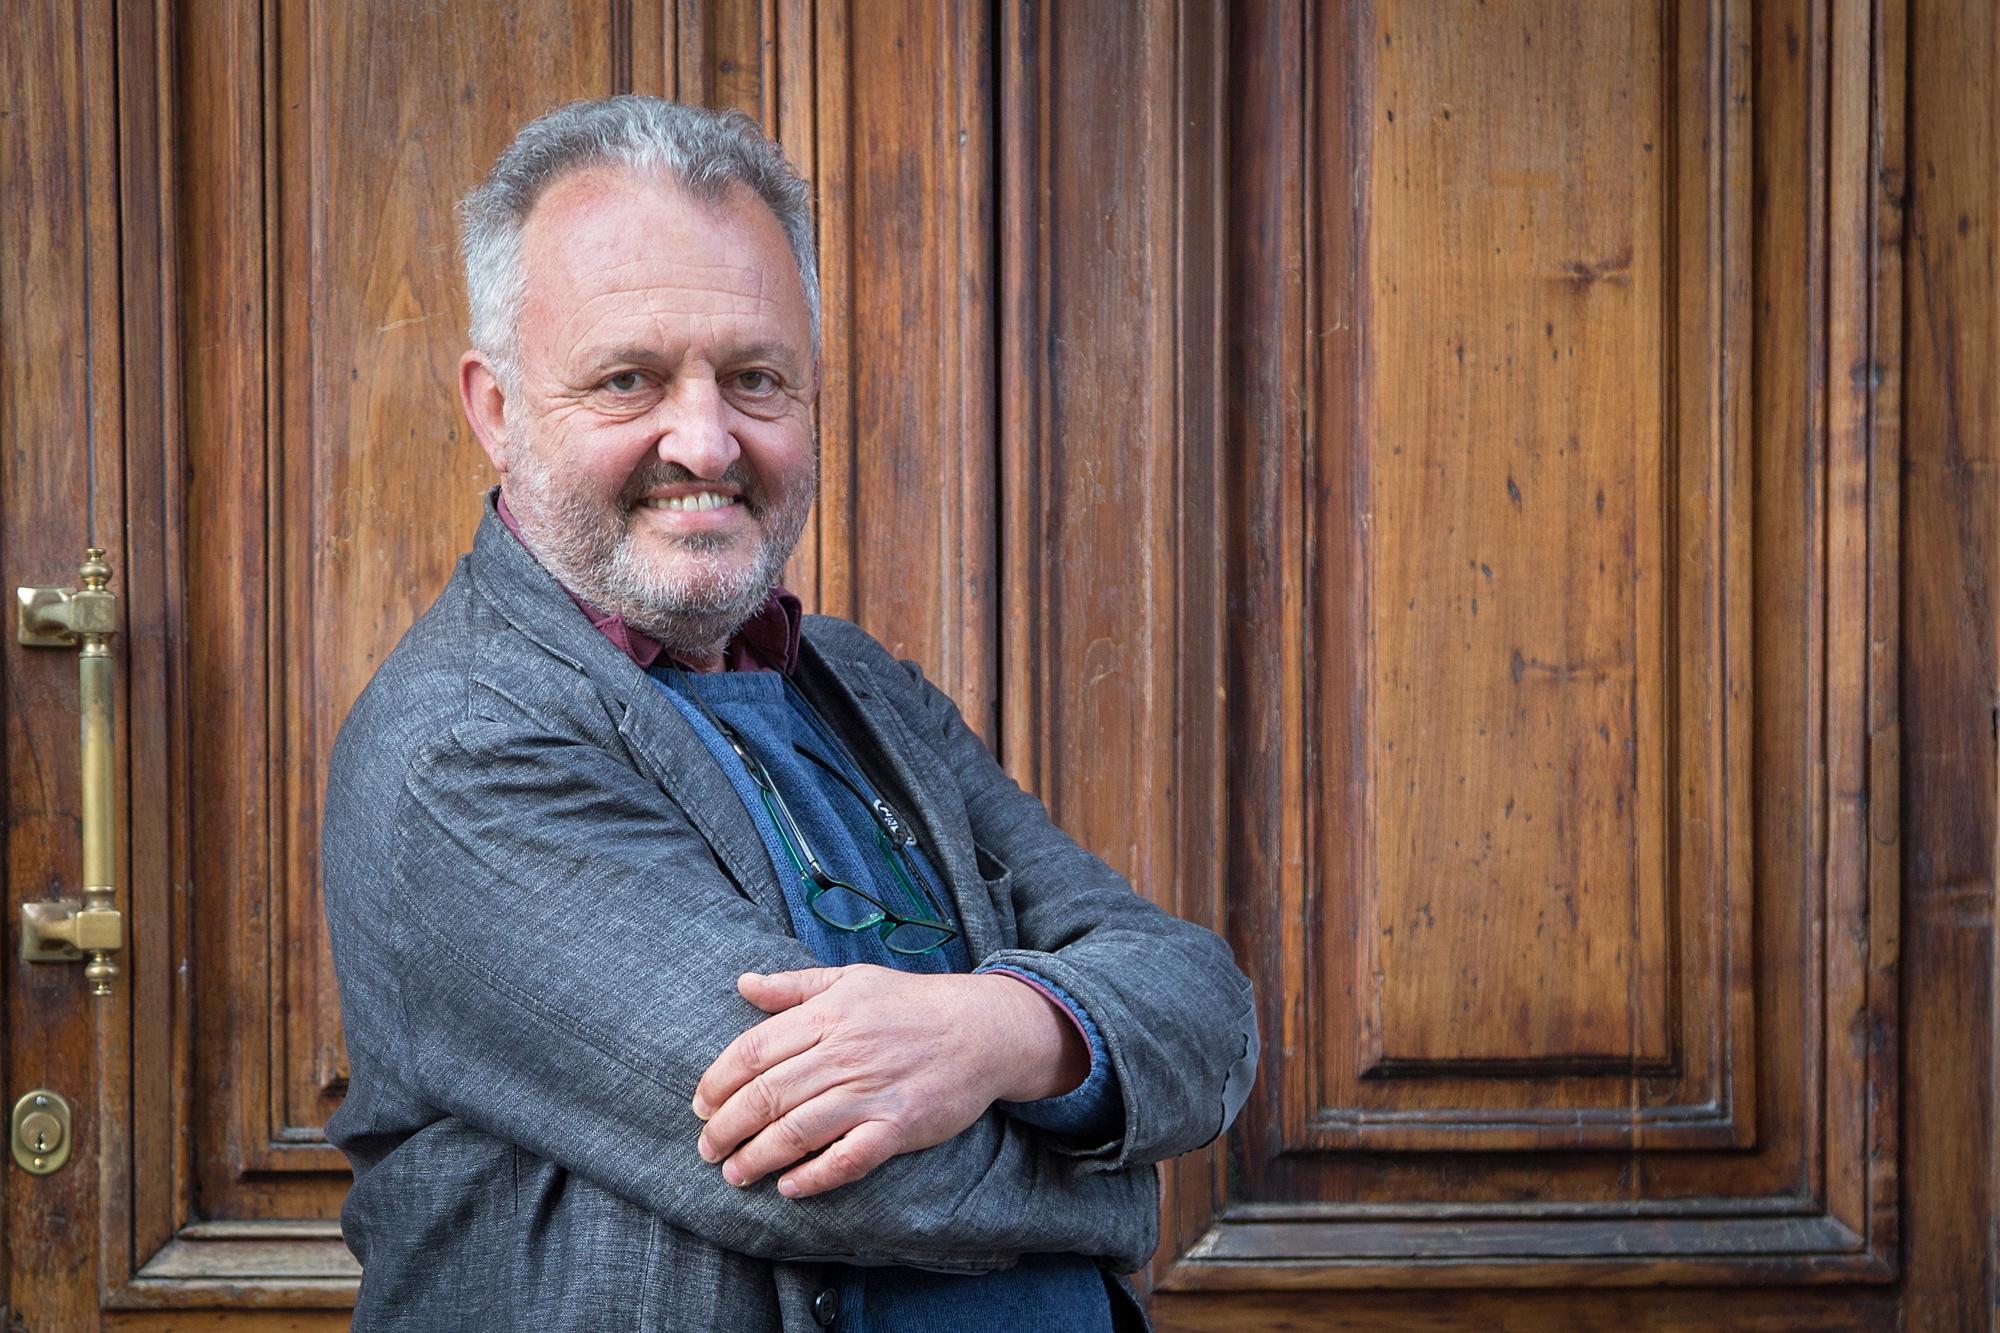 Steve Della Casa, critico cinematografico, autore e conduttore radiofonico